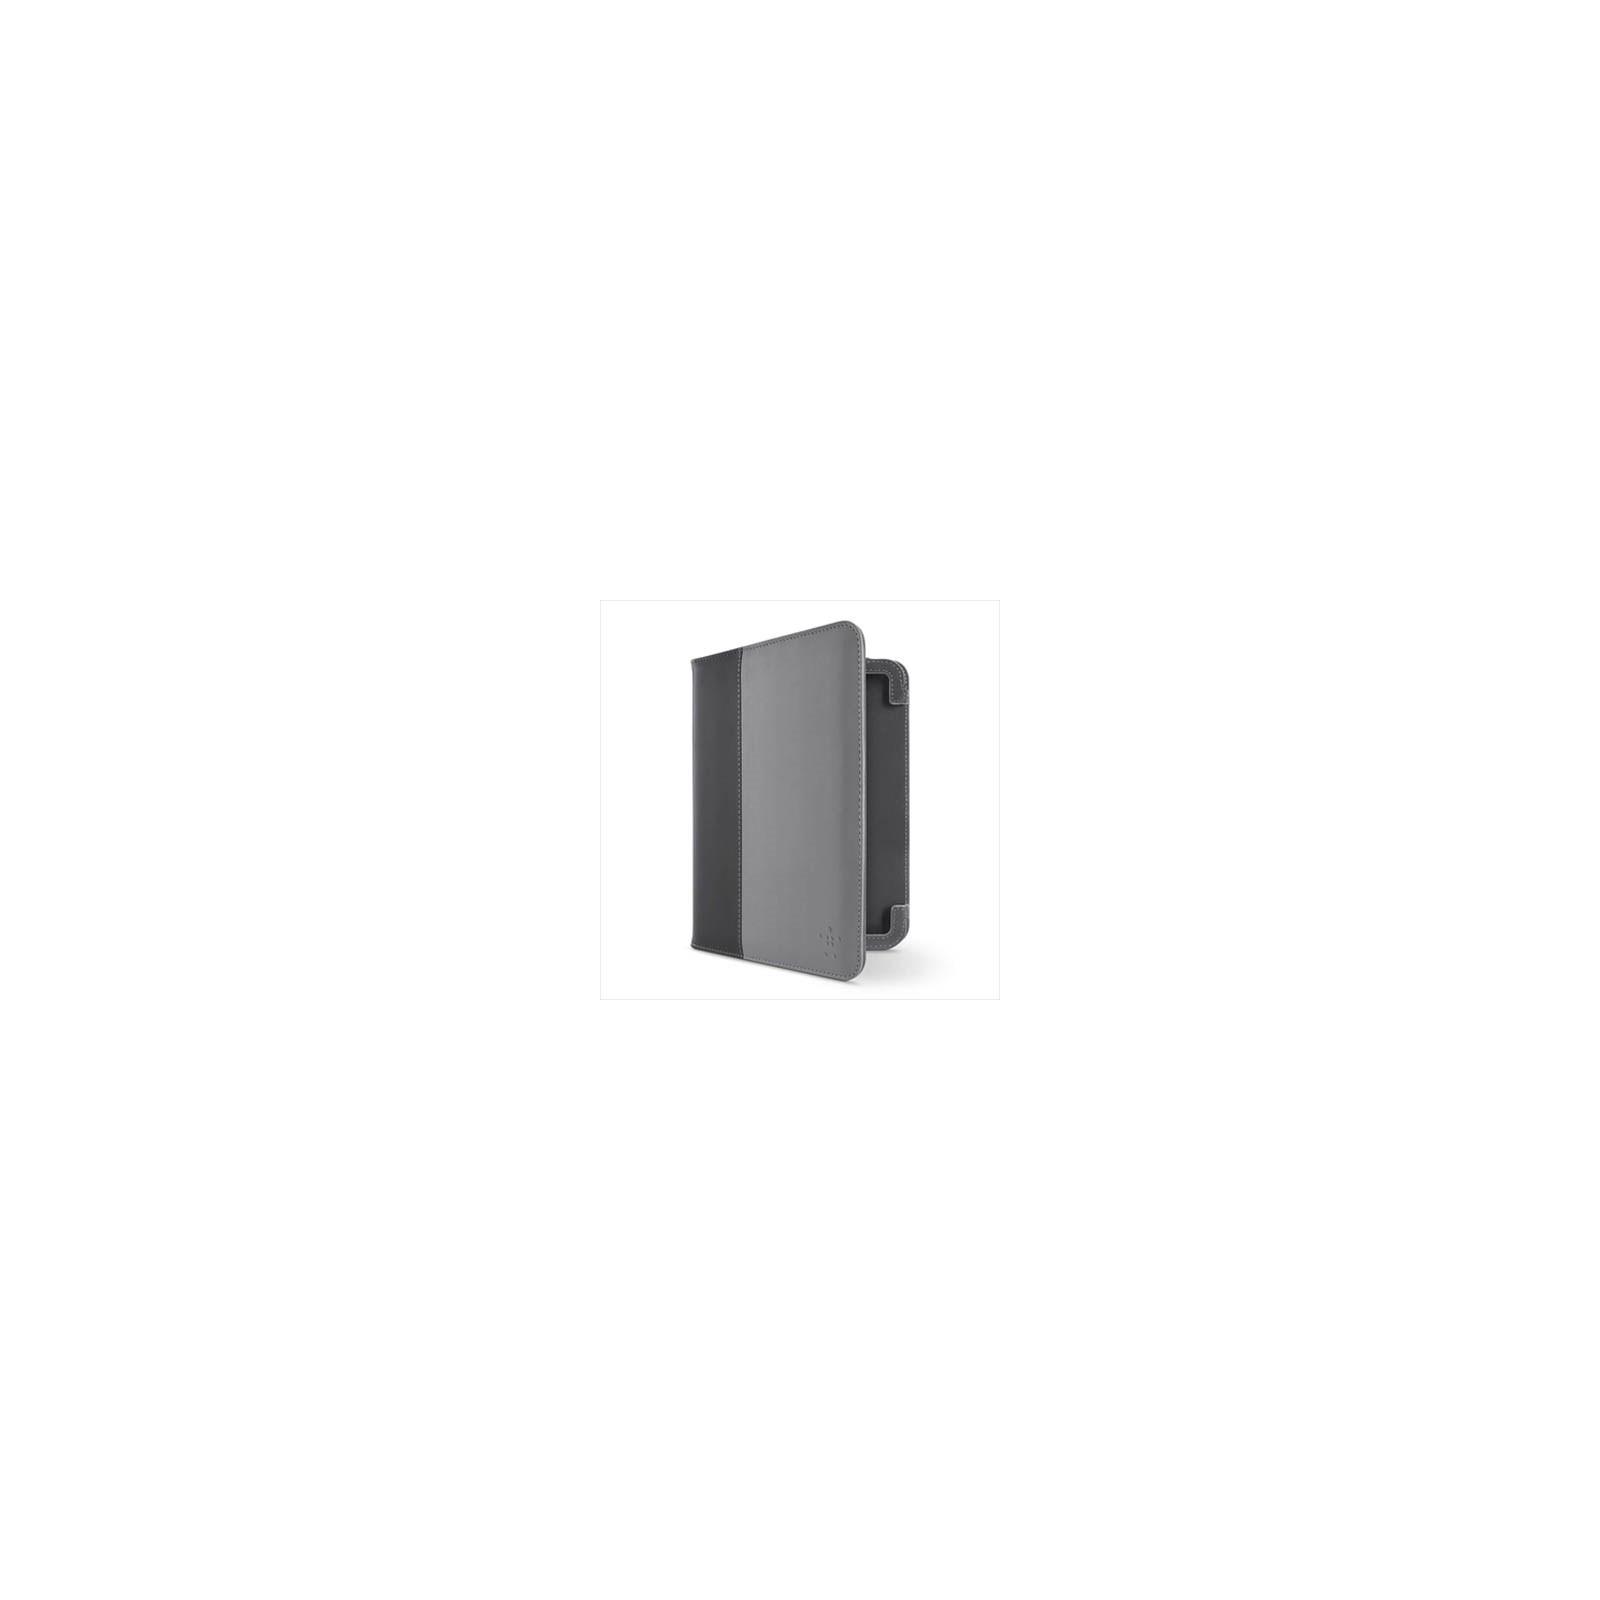 Чехол для планшета Belkin 7 Kindle Fire HD Classic Tab Cover (F8N886vfC00)